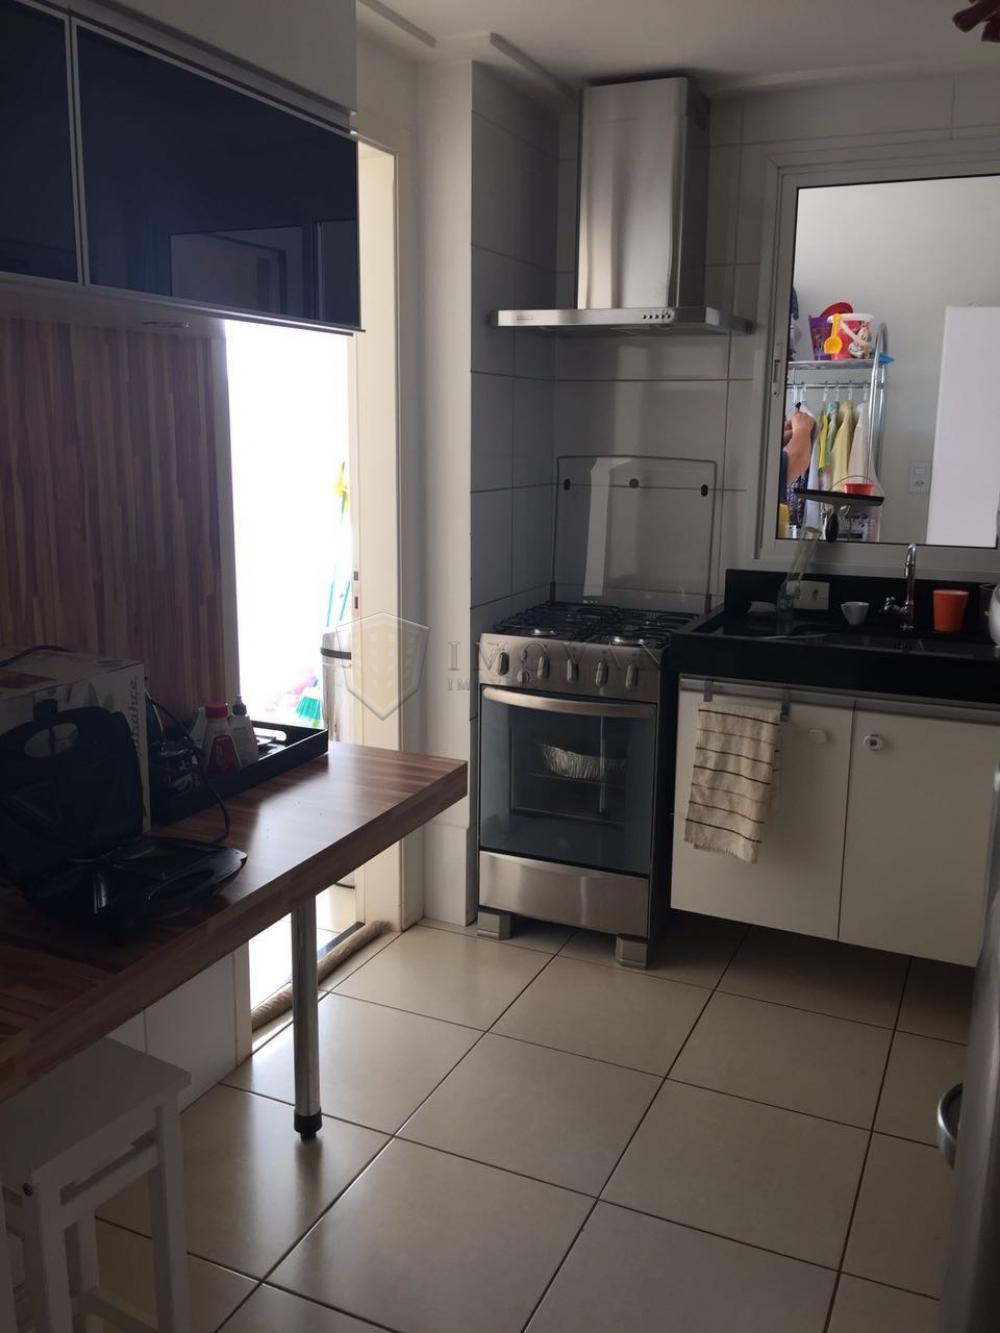 Comprar Casa / Condomínio em Ribeirão Preto R$ 730.000,00 - Foto 11